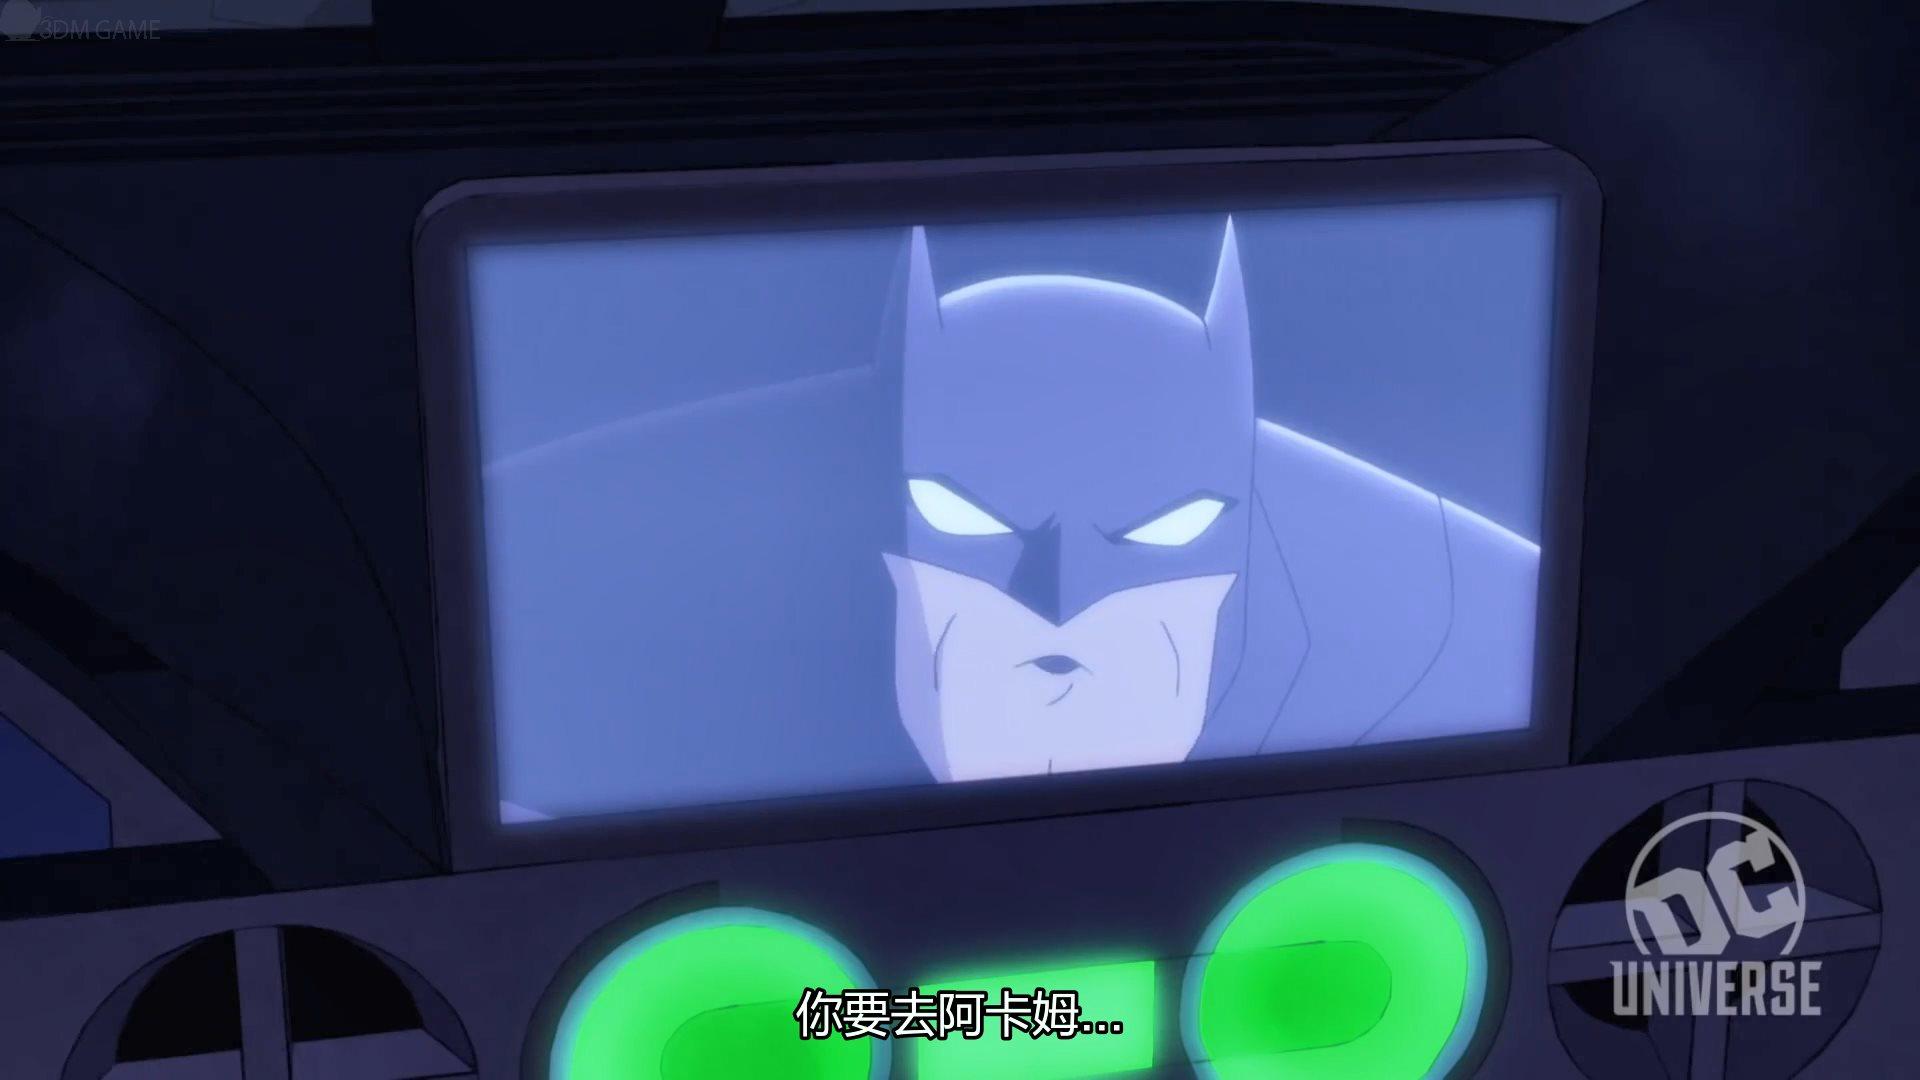 DC動畫《哈莉·奎茵》完整預告:小丑只愛蝙蝠俠